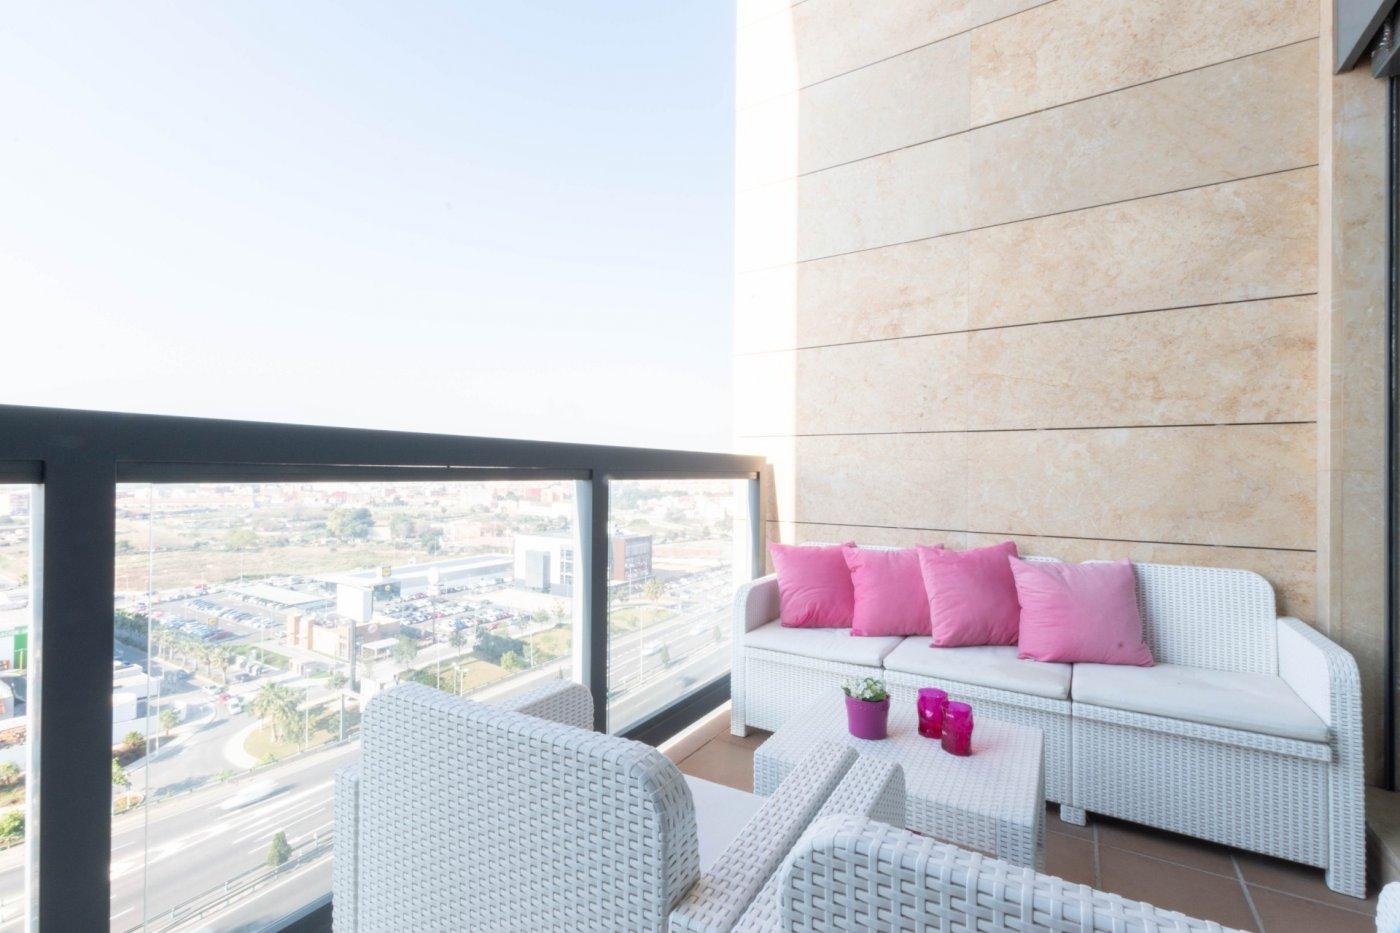 Maison  Burjassot ,burjassot. Loft de diseño en zona congresos